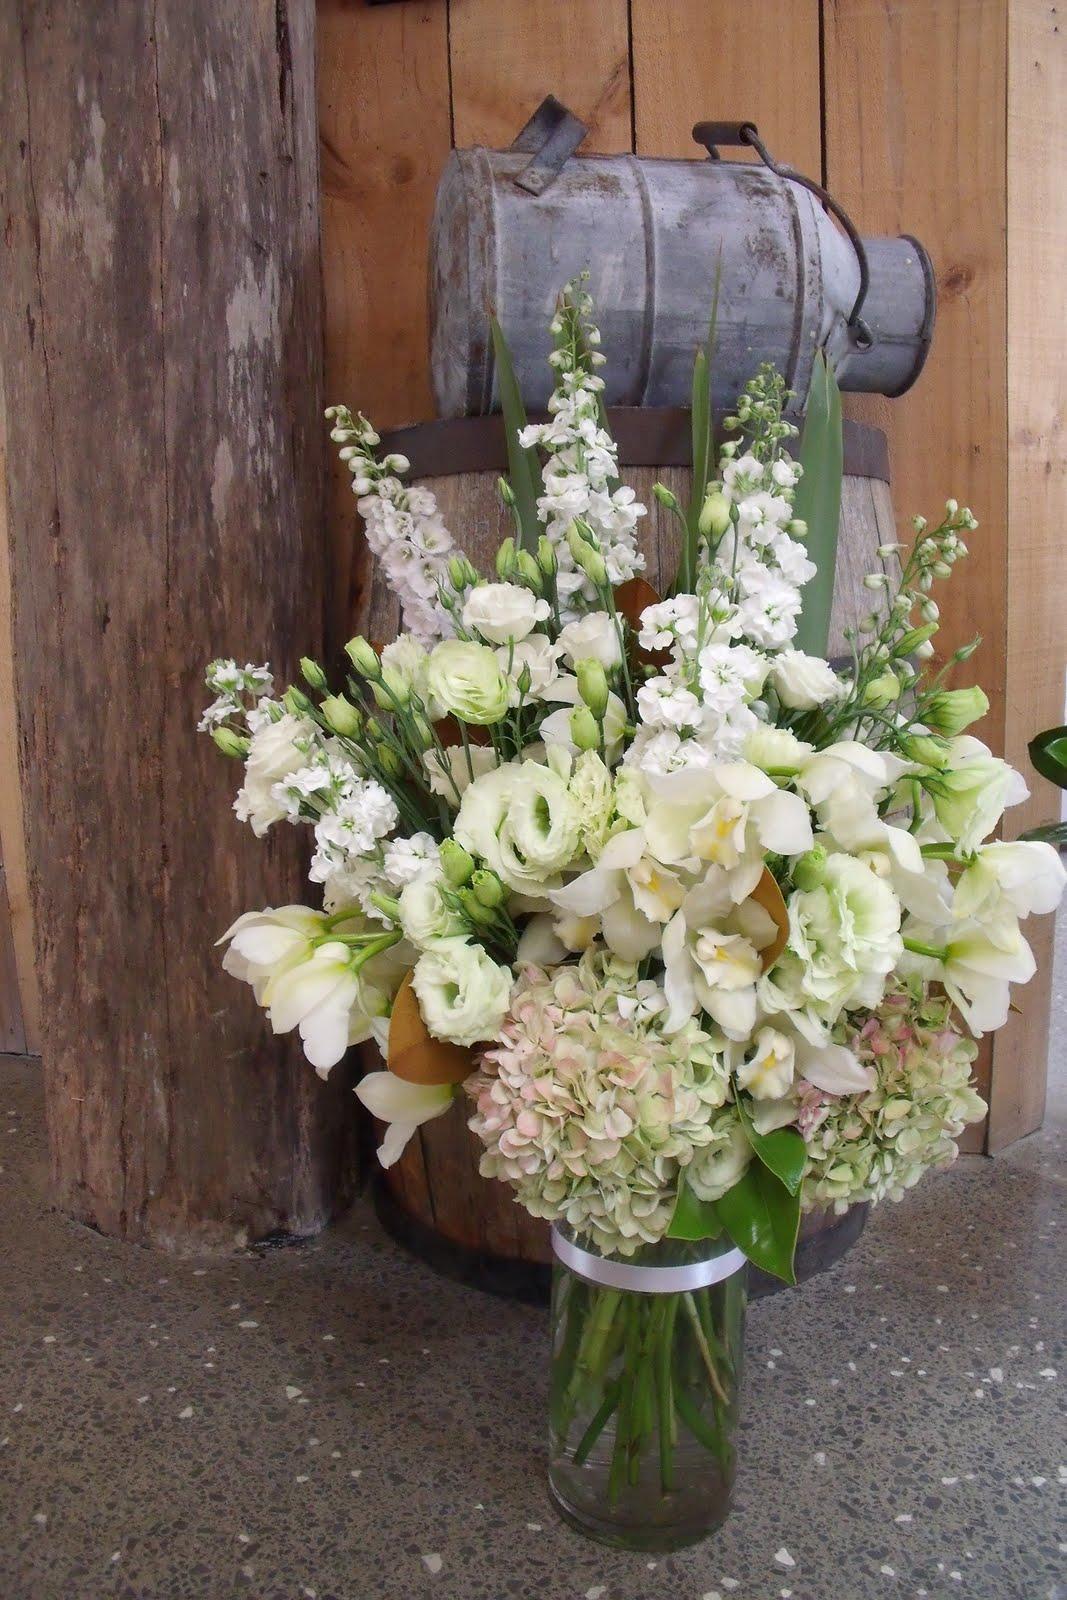 vidabela rustic themed wedding flowers. Black Bedroom Furniture Sets. Home Design Ideas